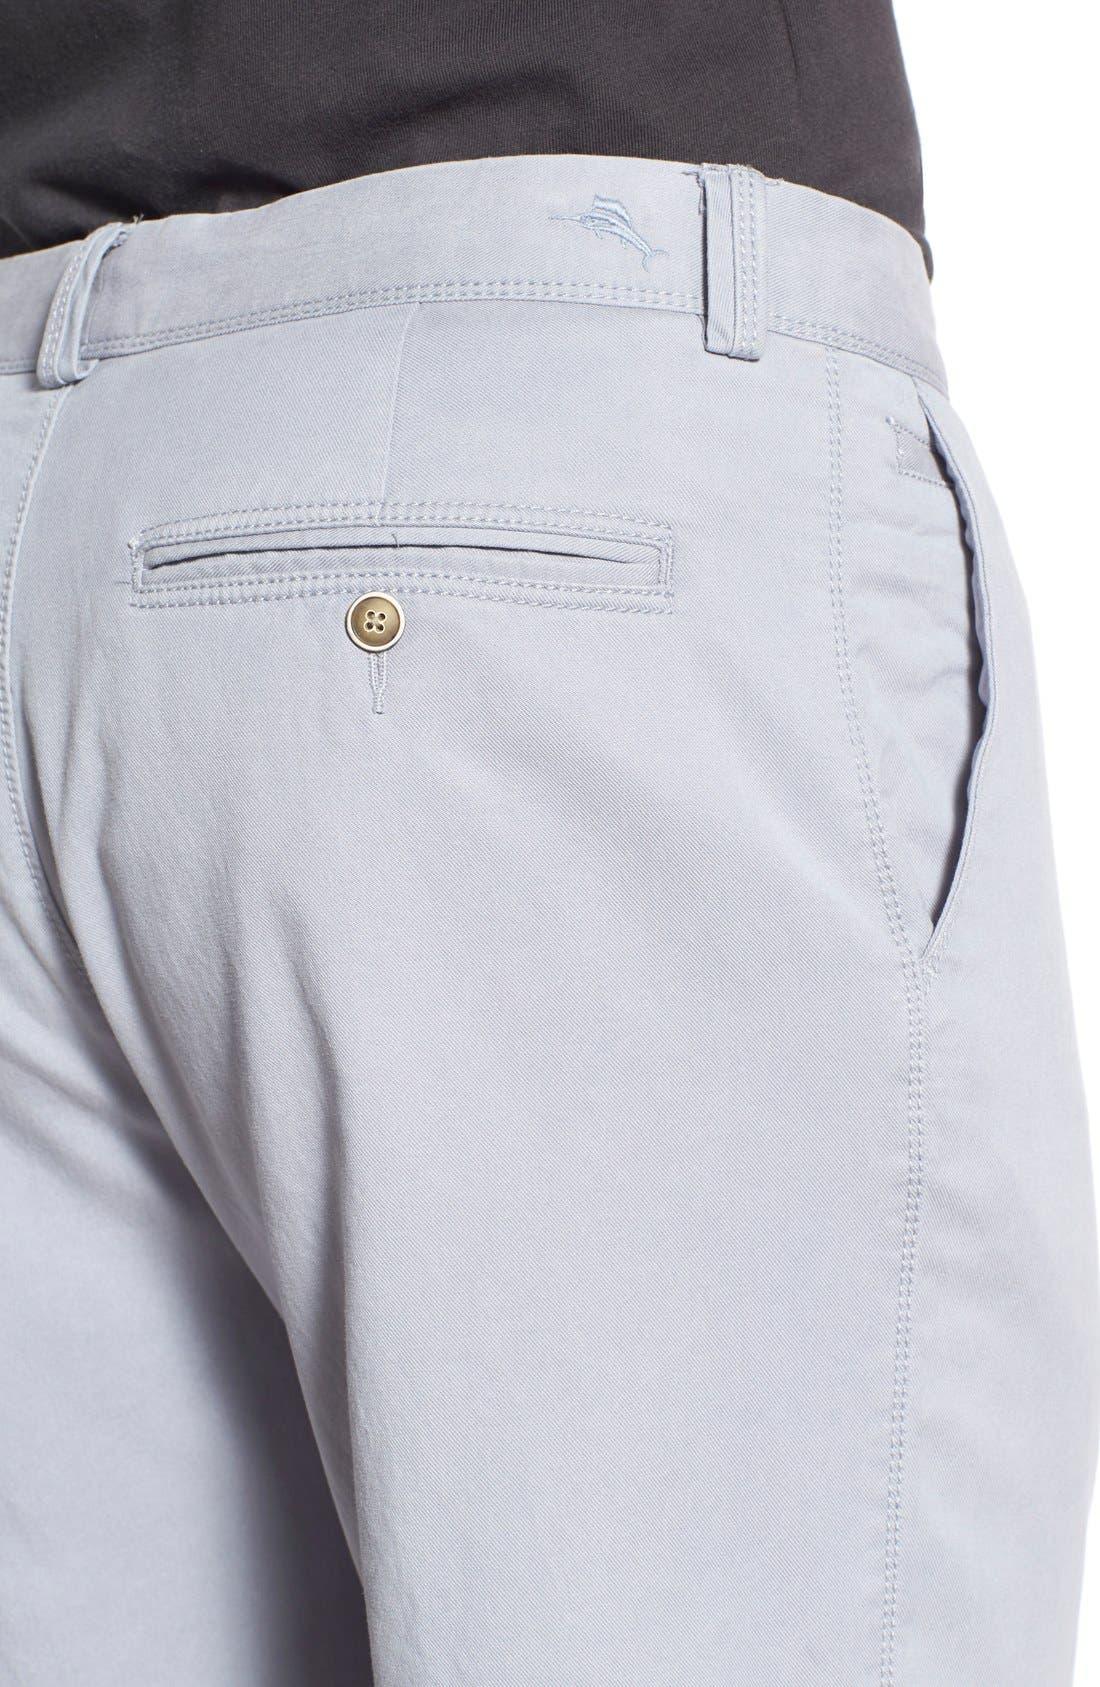 Alternate Image 4  - Tommy Bahama 'Ashore Thing' Flat Front Shorts